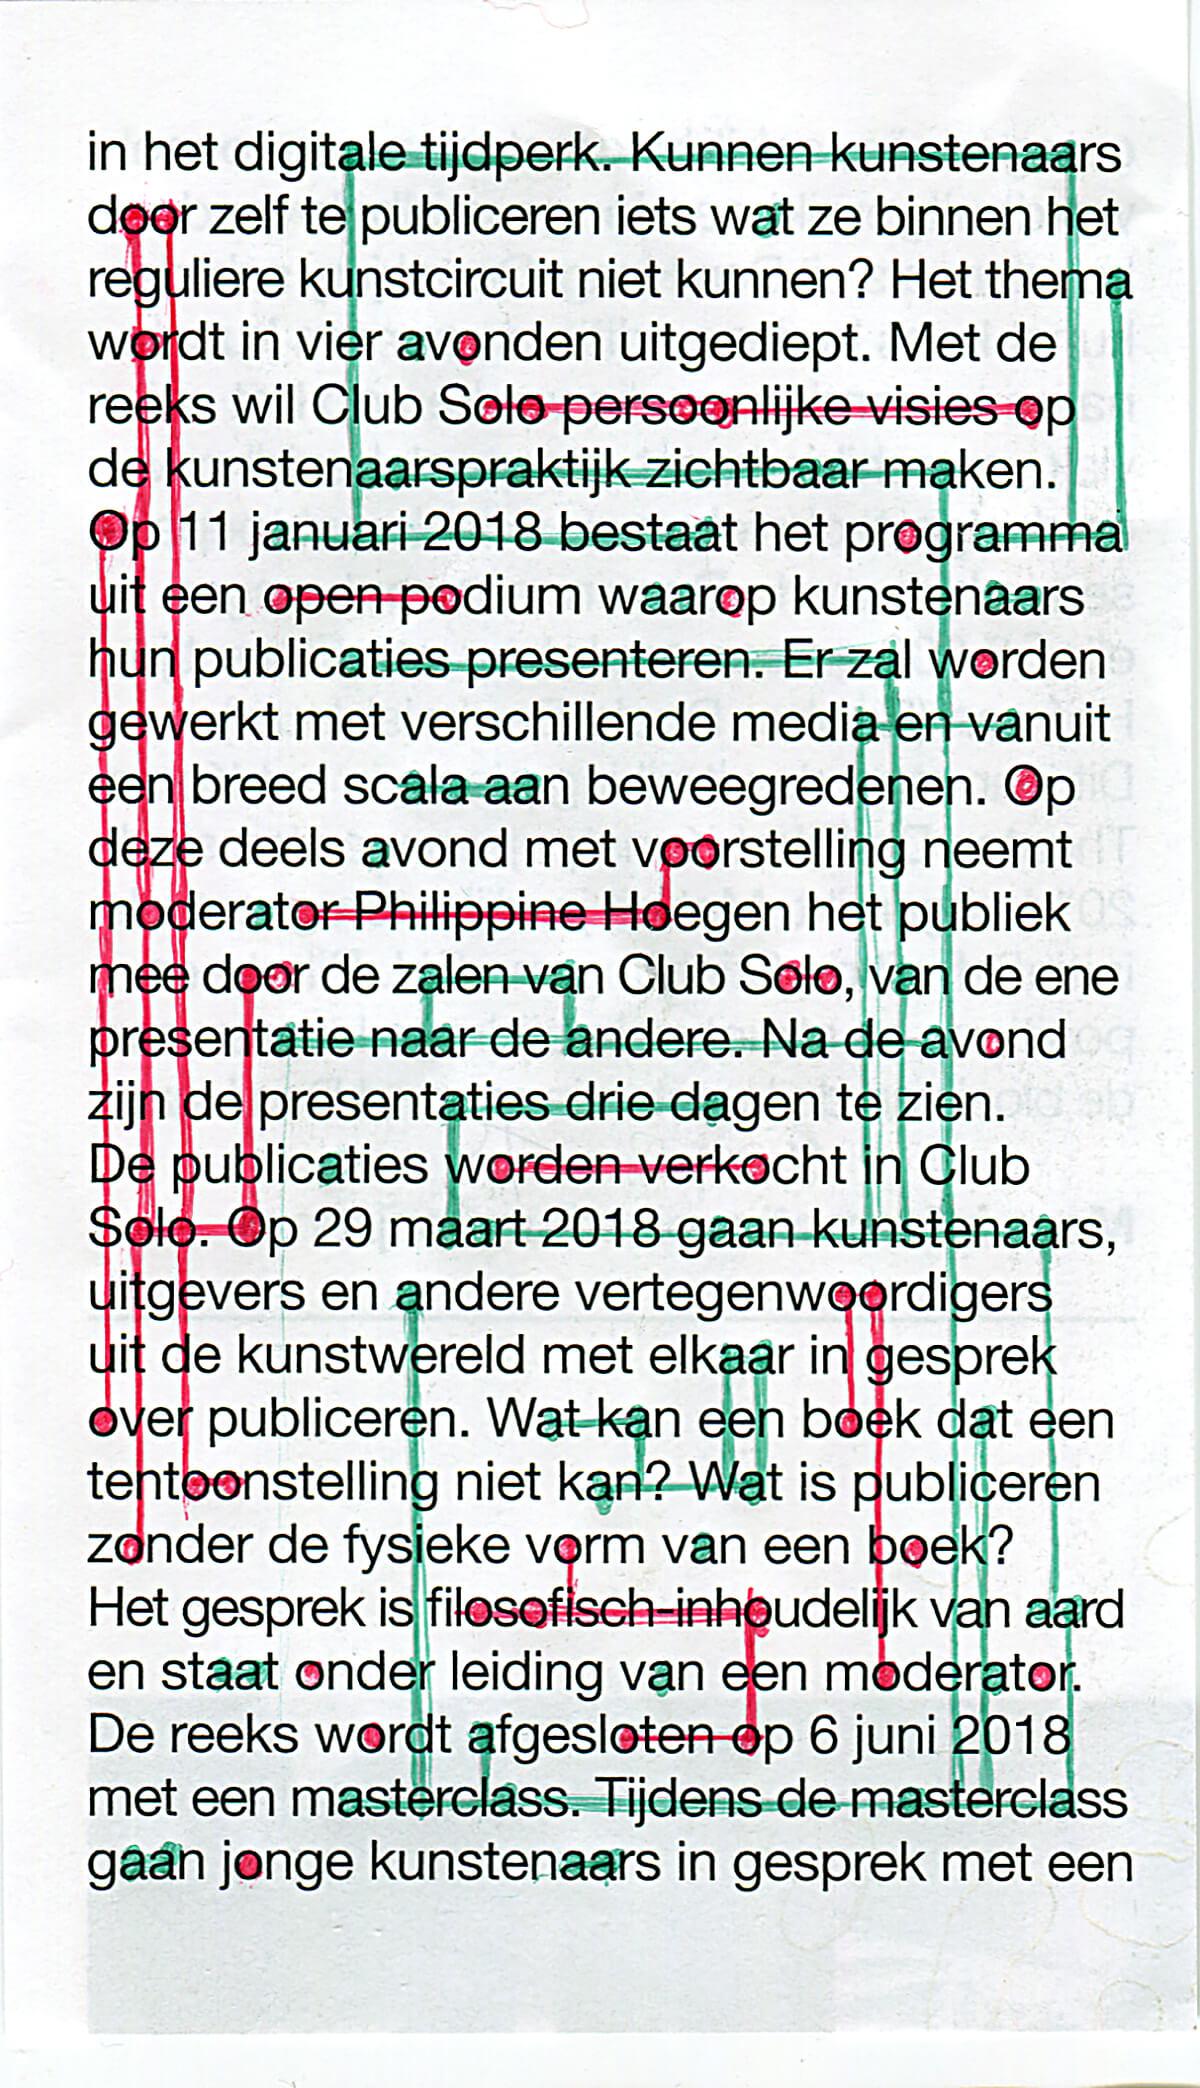 In het digitale tijdperk, 12.5 x 7.7 cm, ink on newspaper, 2017